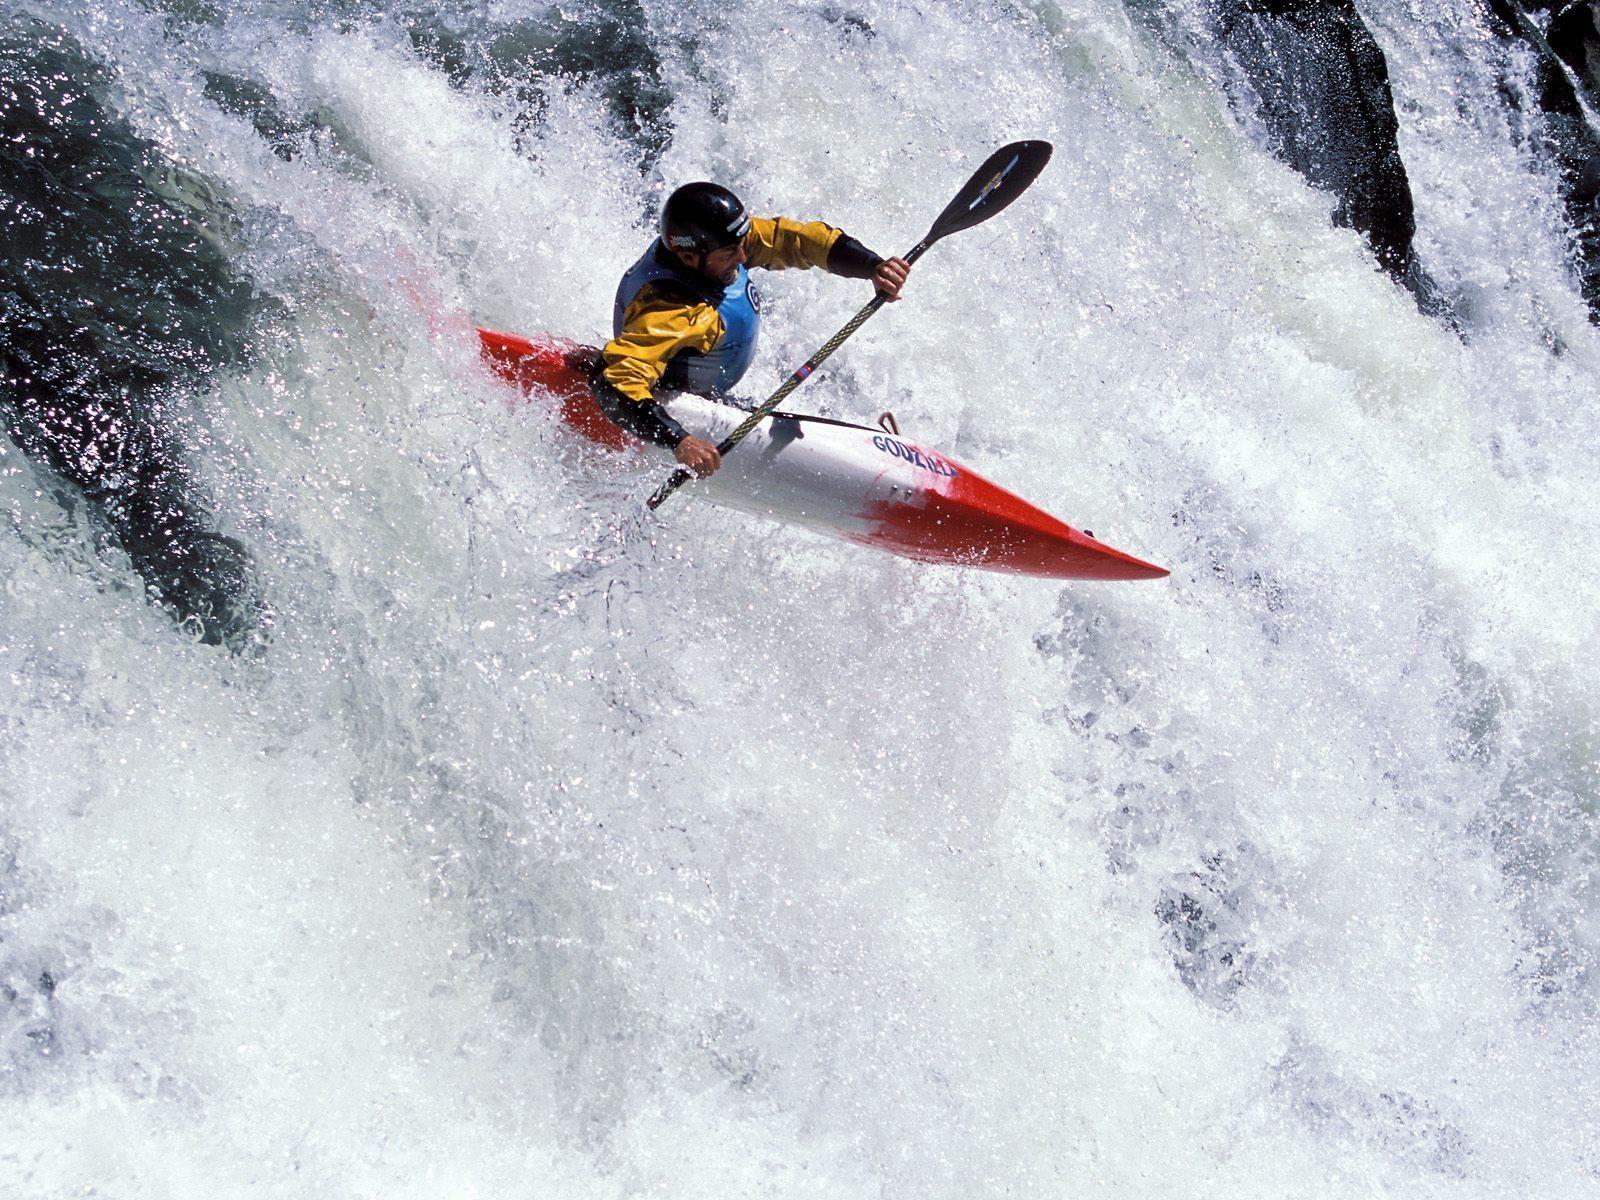 Canoe Rafting Extreme Sports Extreme Sports Kayaking